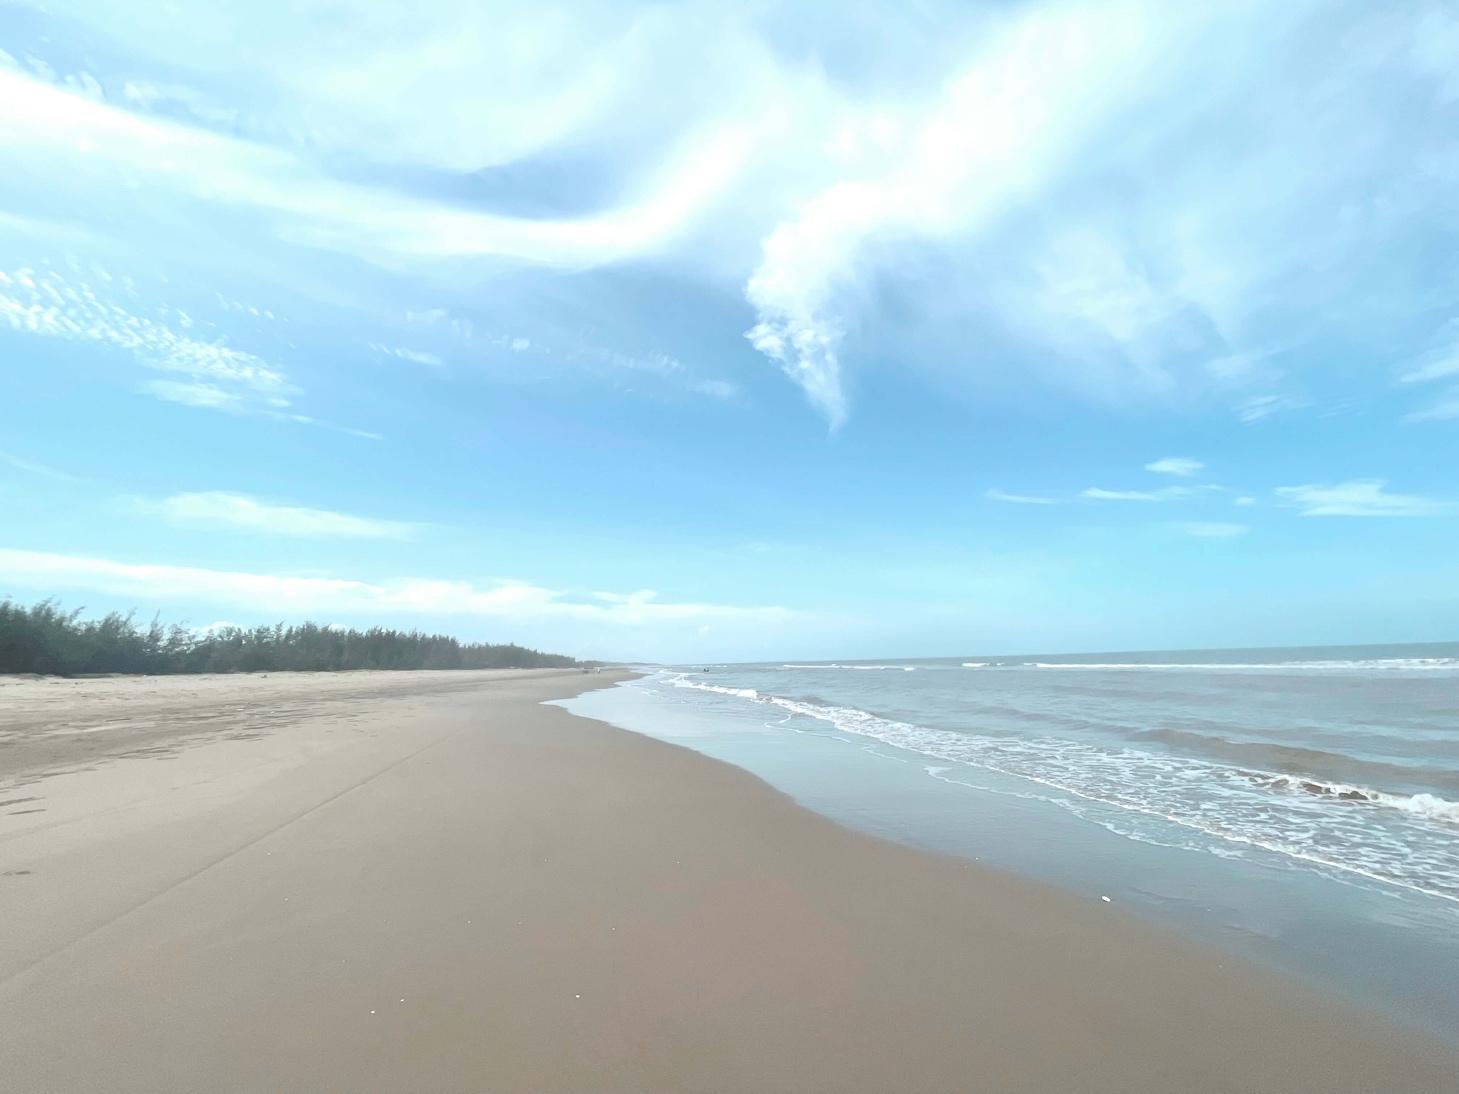 T&T Group khởi công xây dựng khu du lịch sinh thái biển với tổng mức đầu tư hơn 3.660 tỷ tại Thanh Hóa - Ảnh 1.